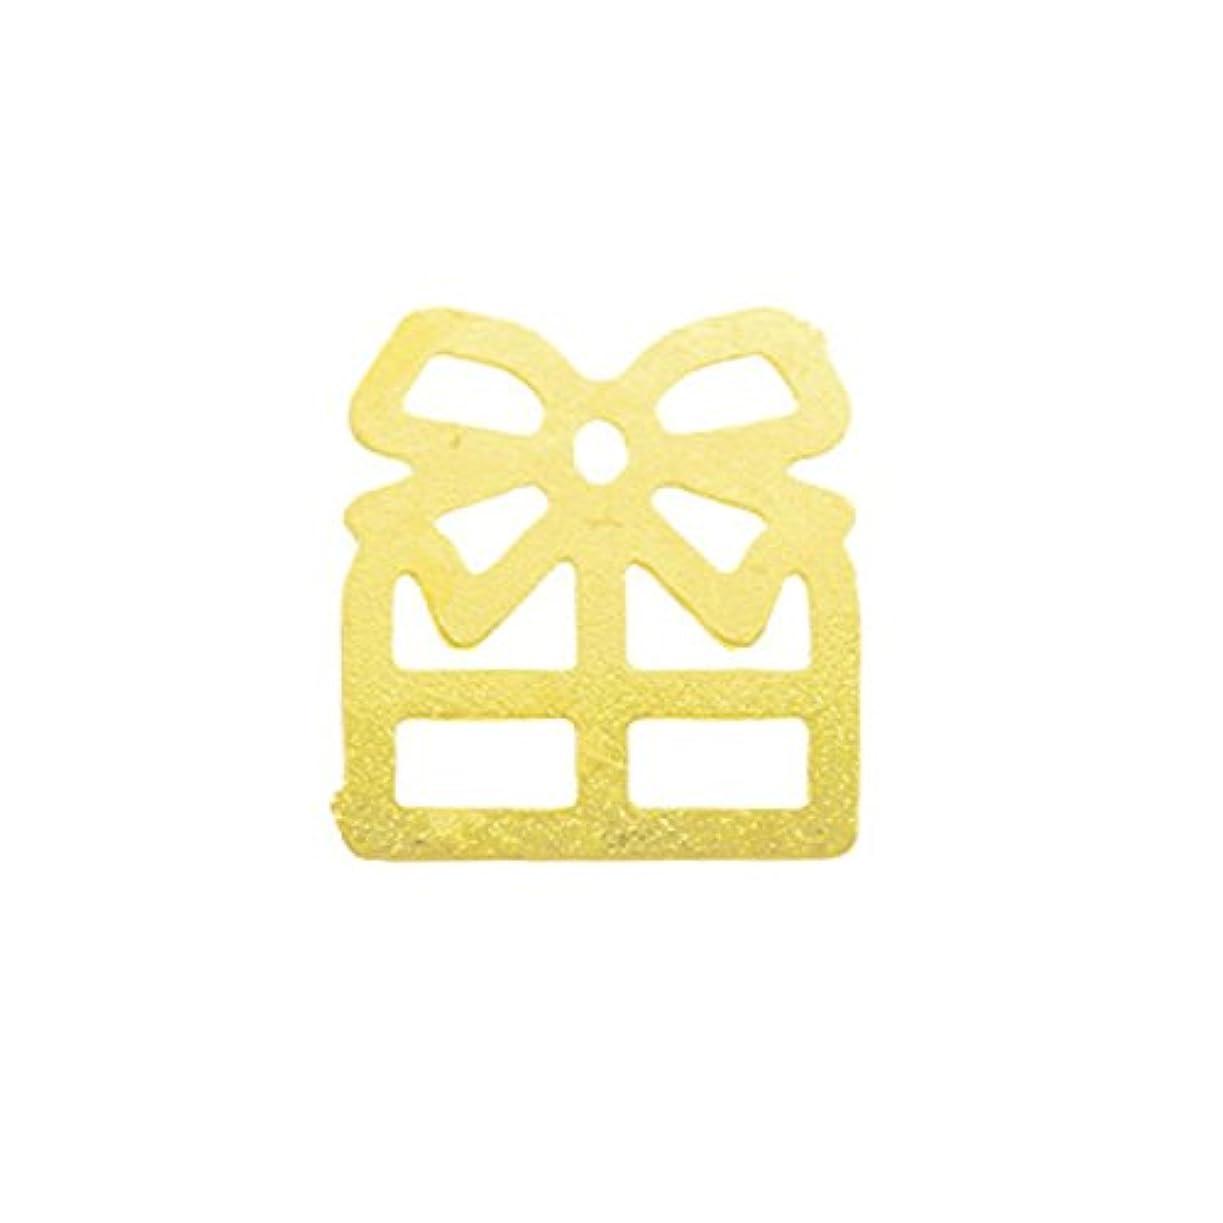 アシスト採用スタジアムメタルプレート(ネイルストーン デコ) プレゼント ゴールド (30個入り)(ネイル用品)